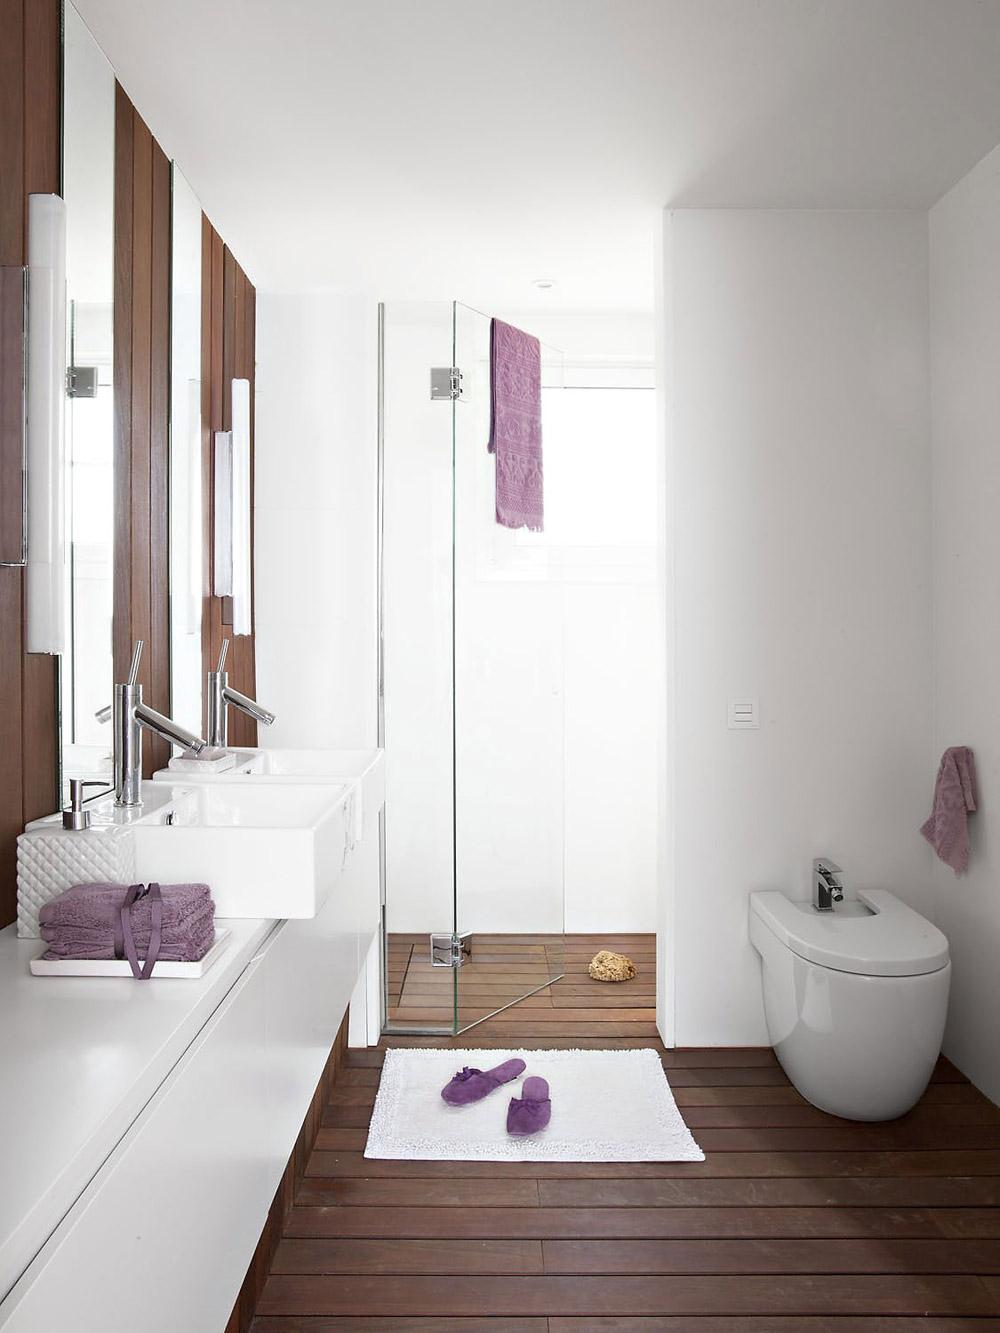 Bathroom, Vivienda en Llaveneres by Susanna Cots